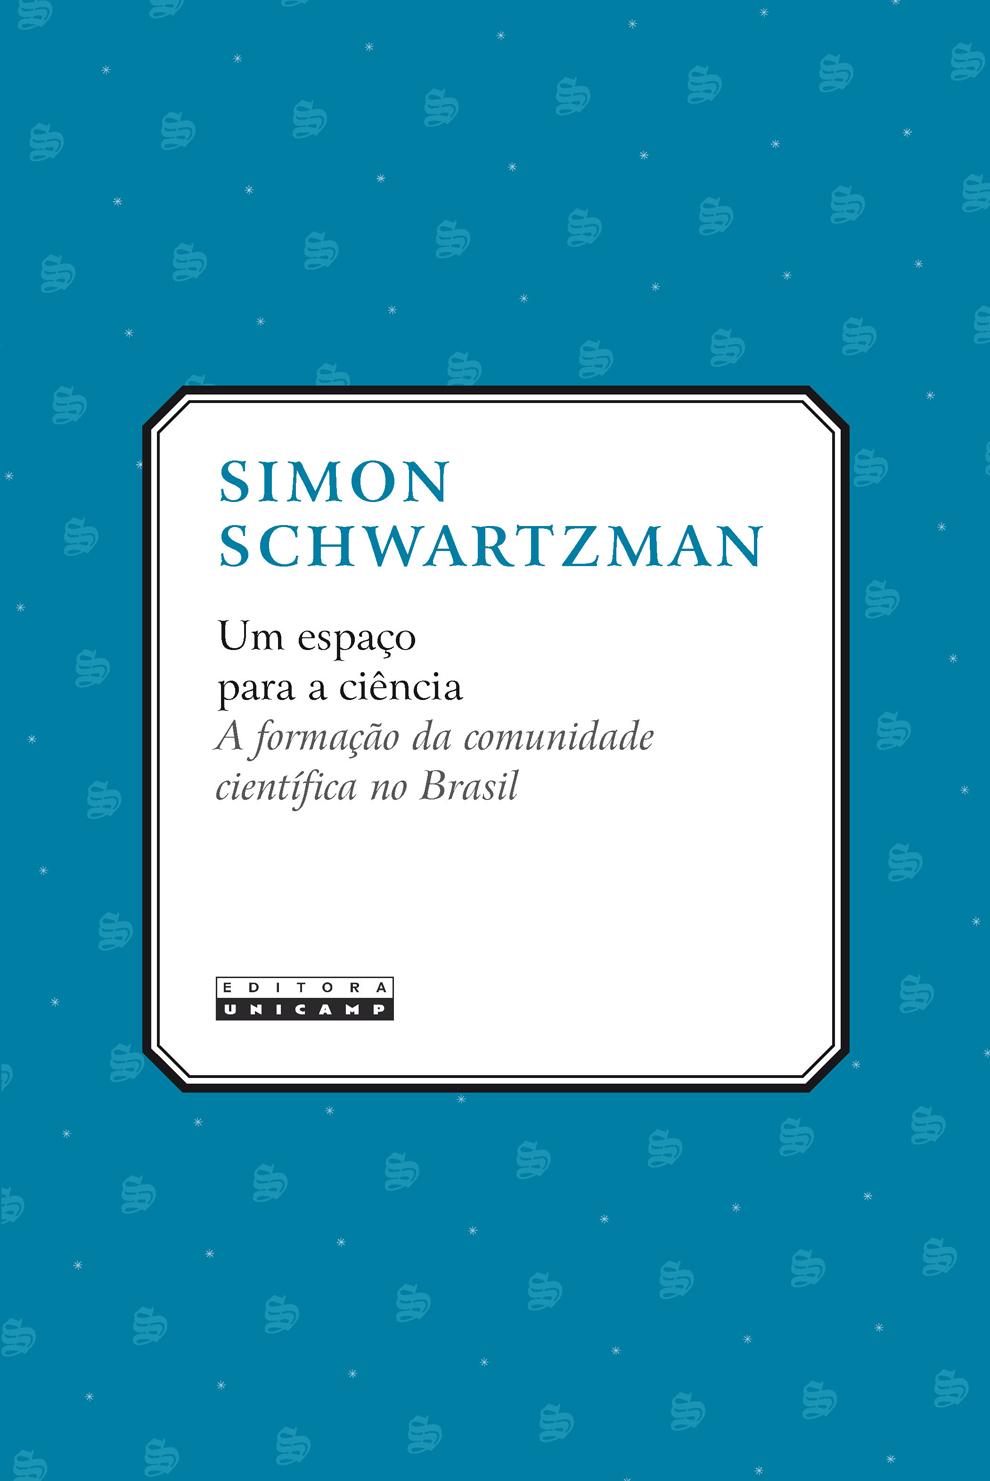 Um espaço para a ciência - a formação da comunidade científica no Brasil, livro de Simon Schwartzman